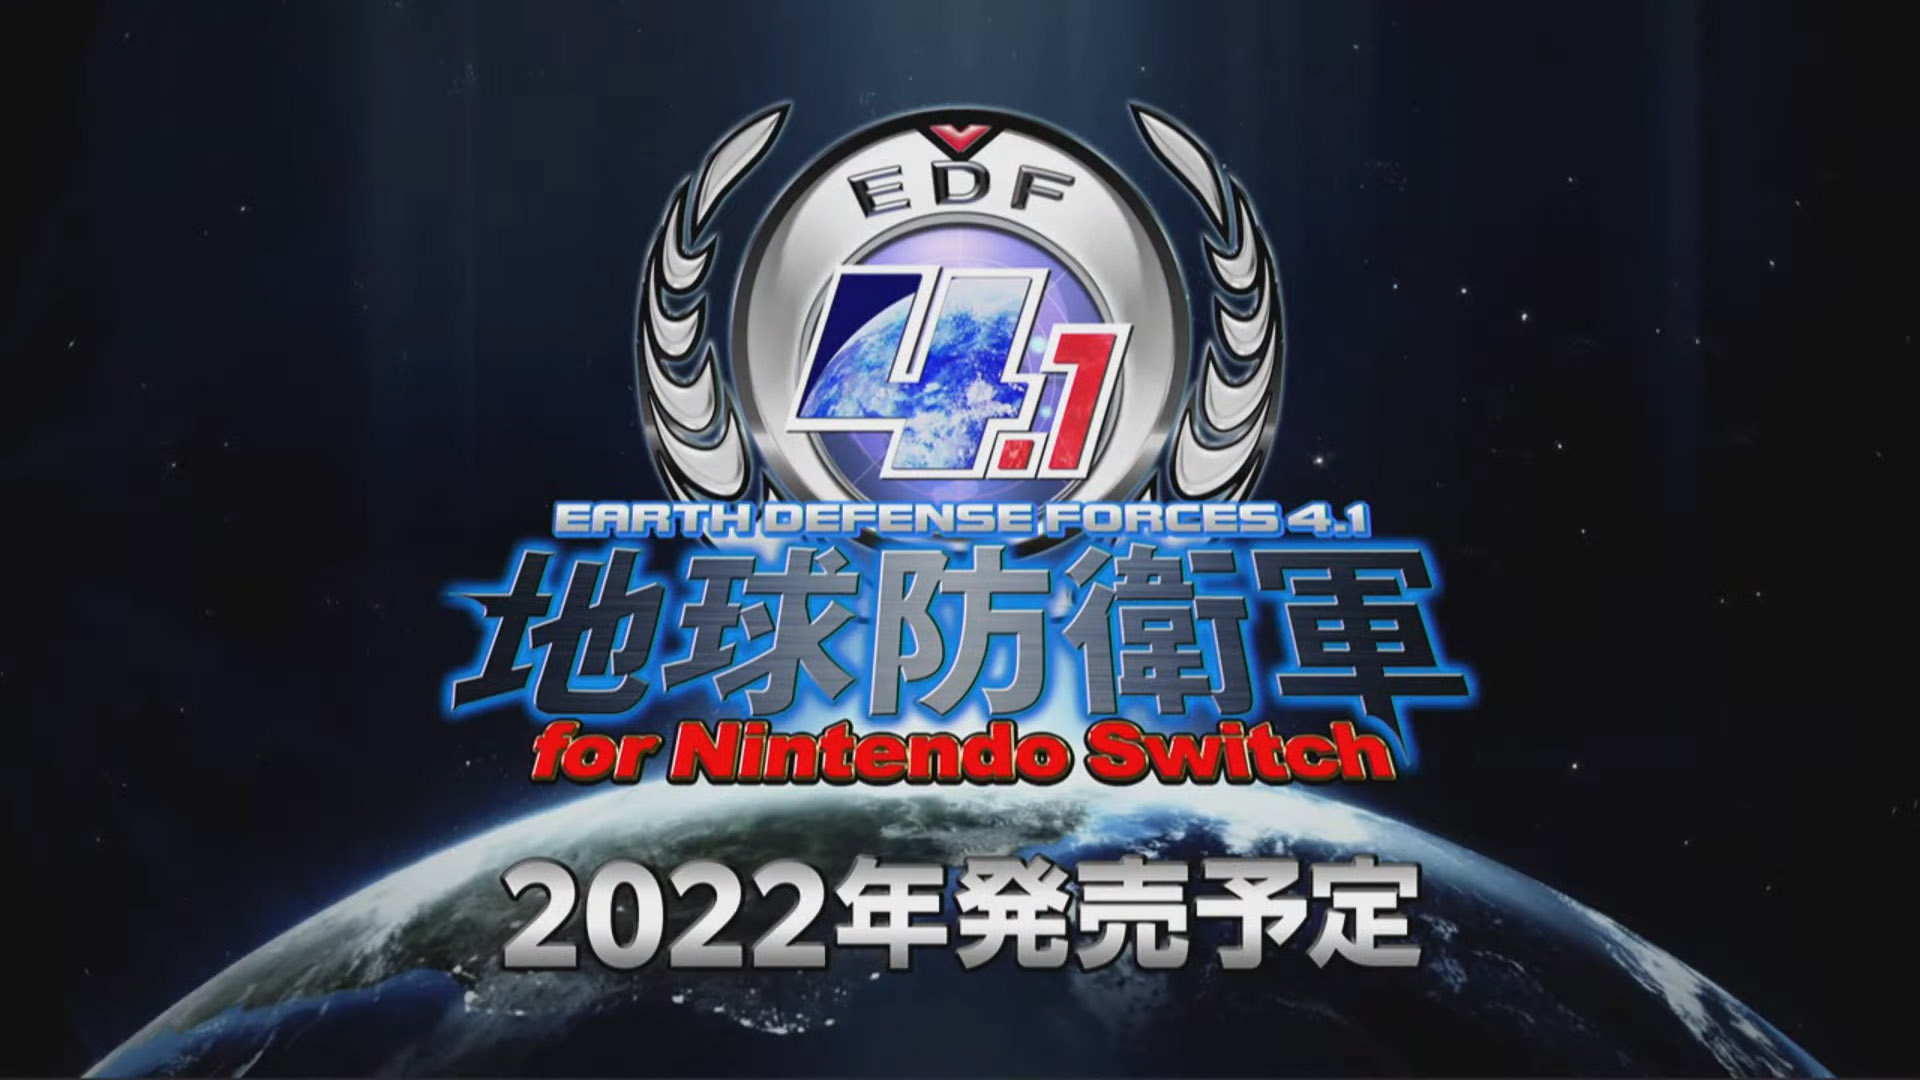 Přehled novinek z Japonska 30. týdne EDF 4 1 Switch 07 30 21